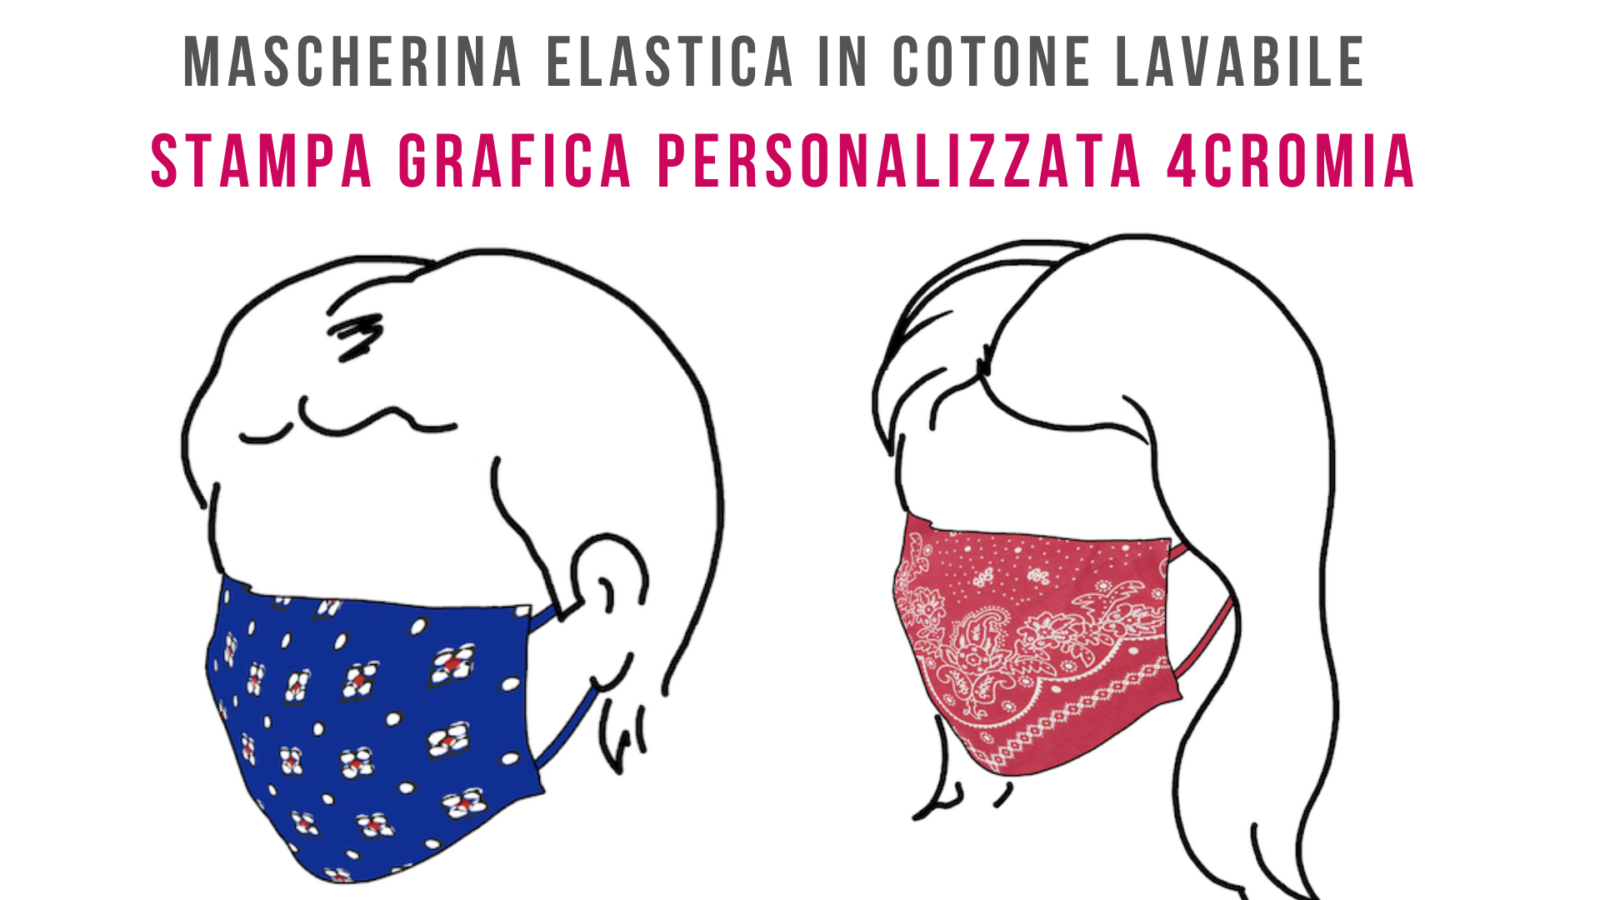 mascherine antivirus personalizzate in cotone lavabili